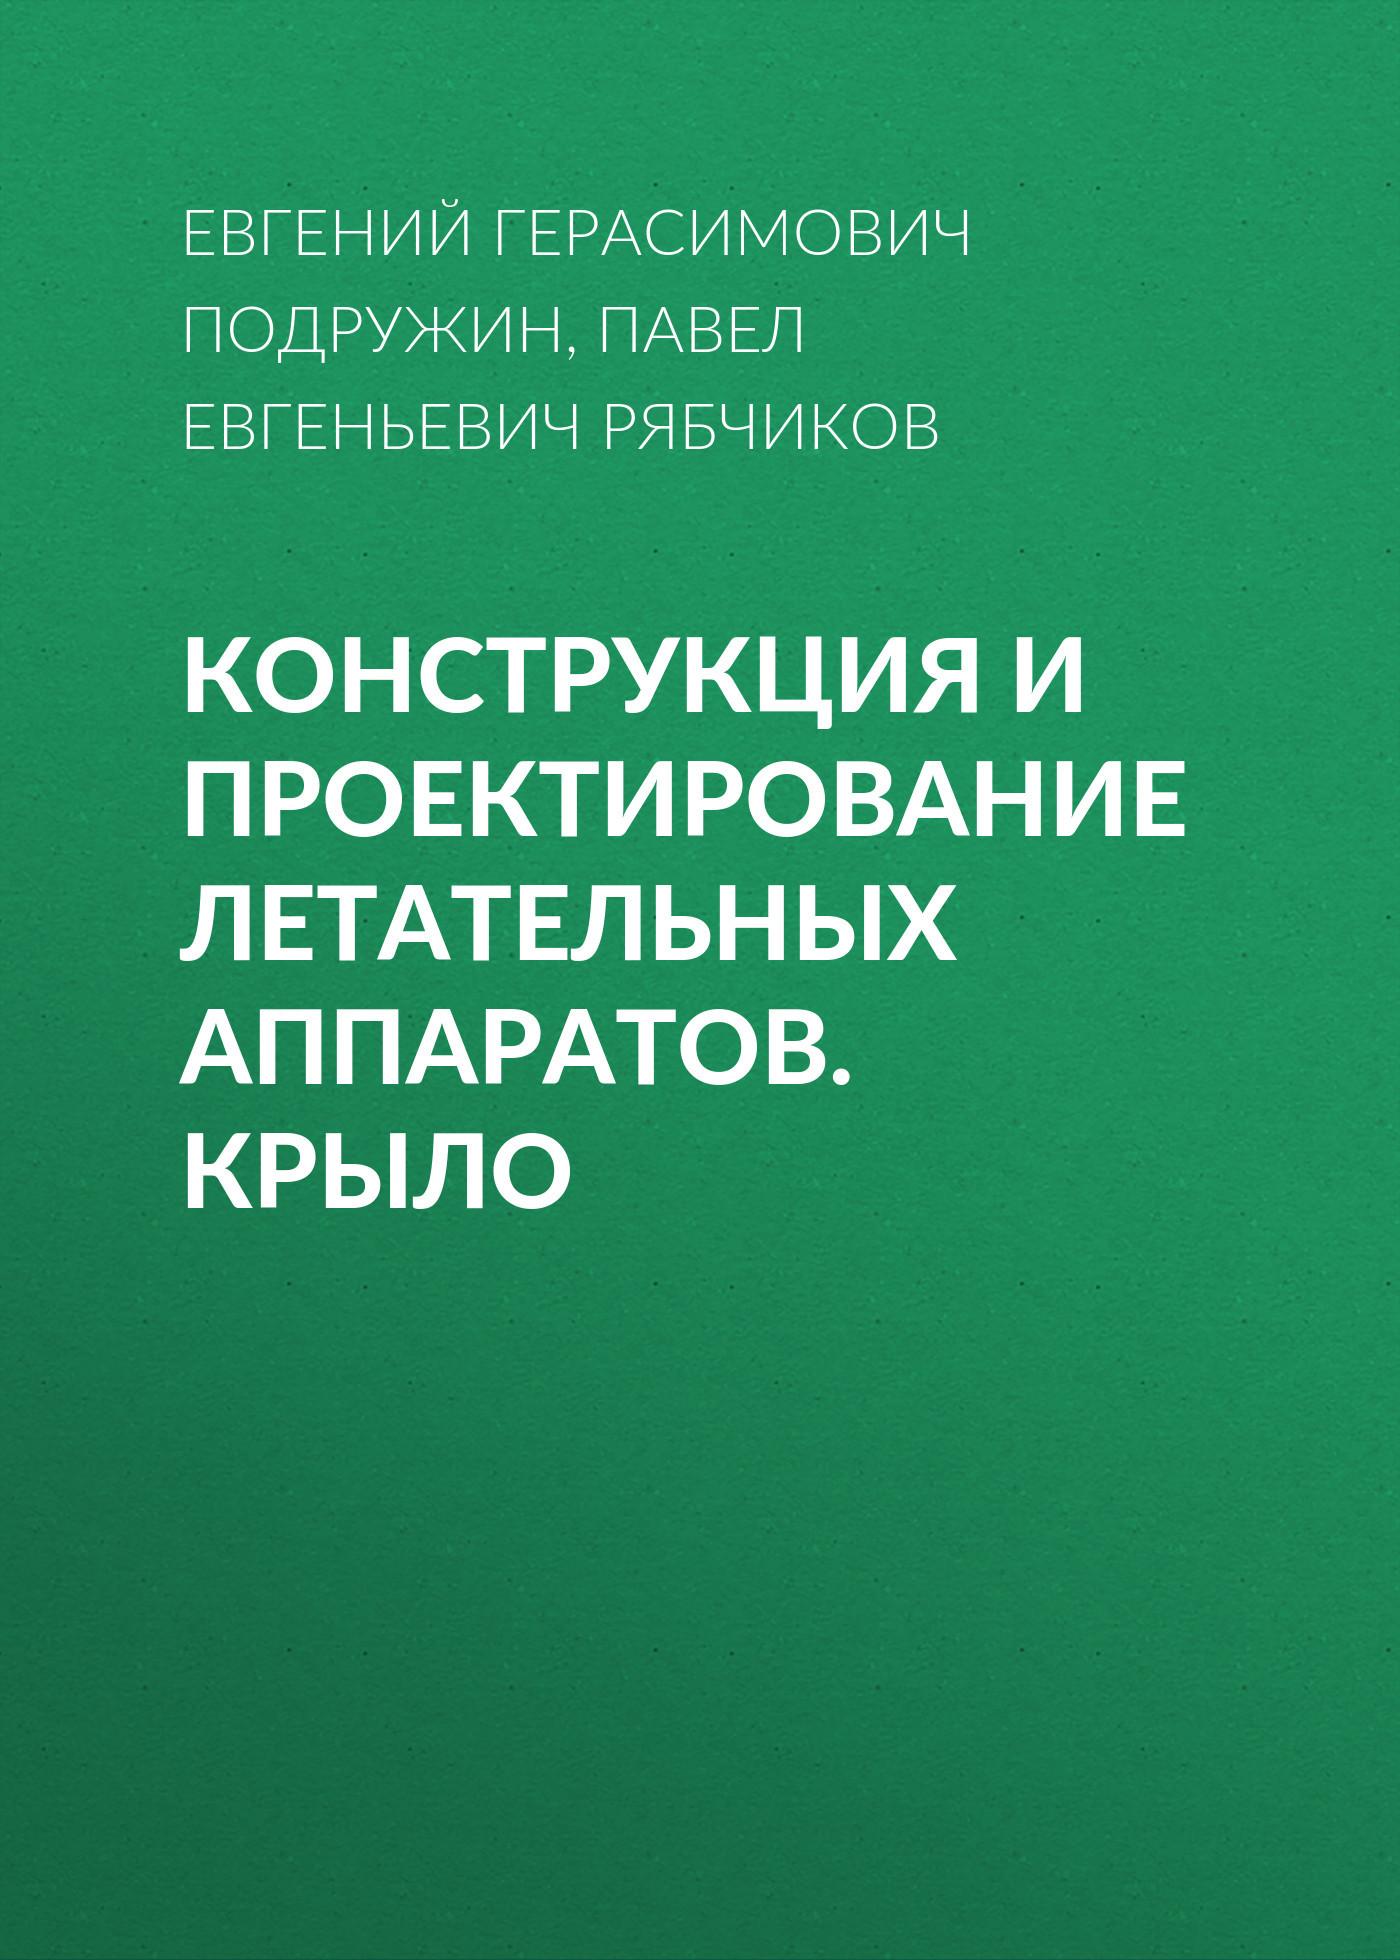 цены Евгений Герасимович Подружин Конструкция и проектирование летательных аппаратов. Крыло